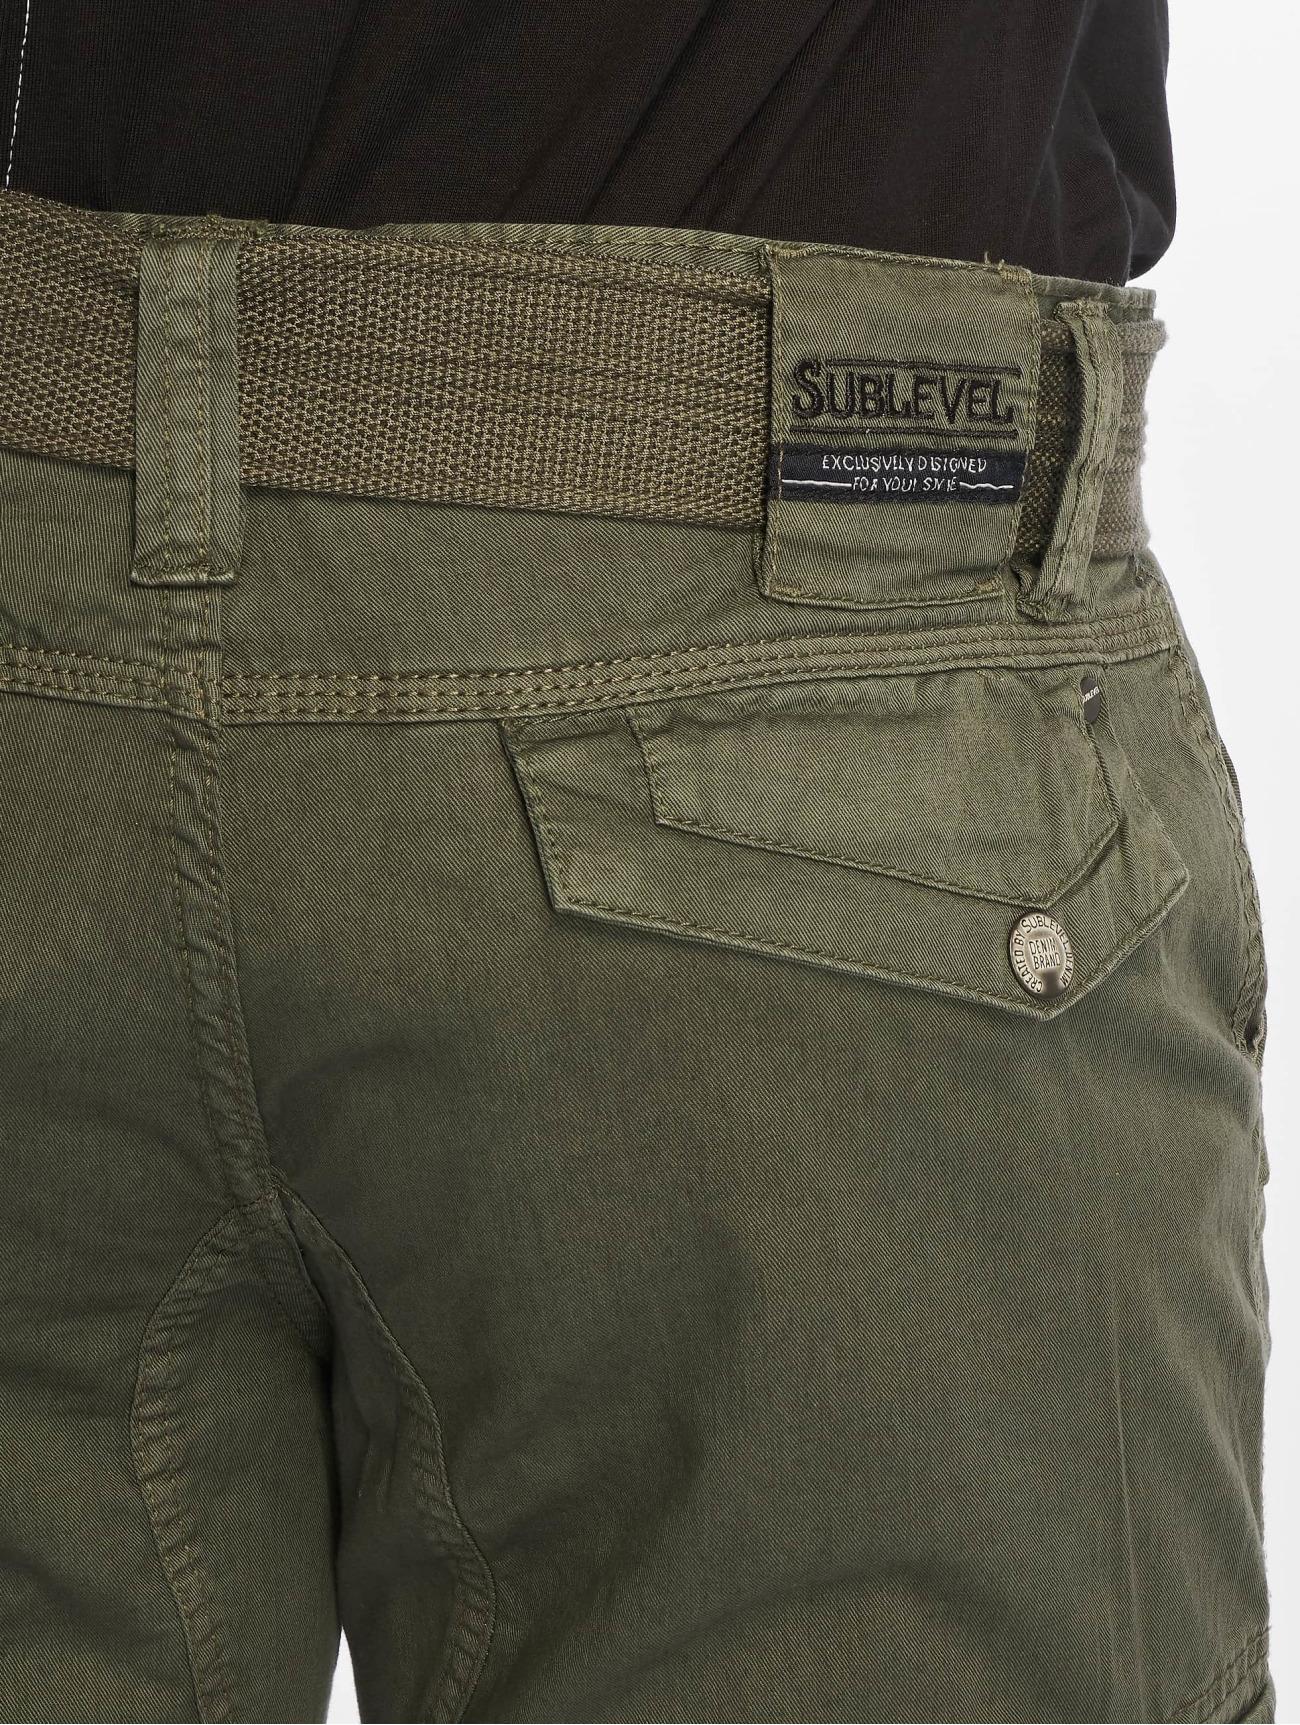 Sublevel Byxor / Shorts Cargo i grön 673407 Män Byxor